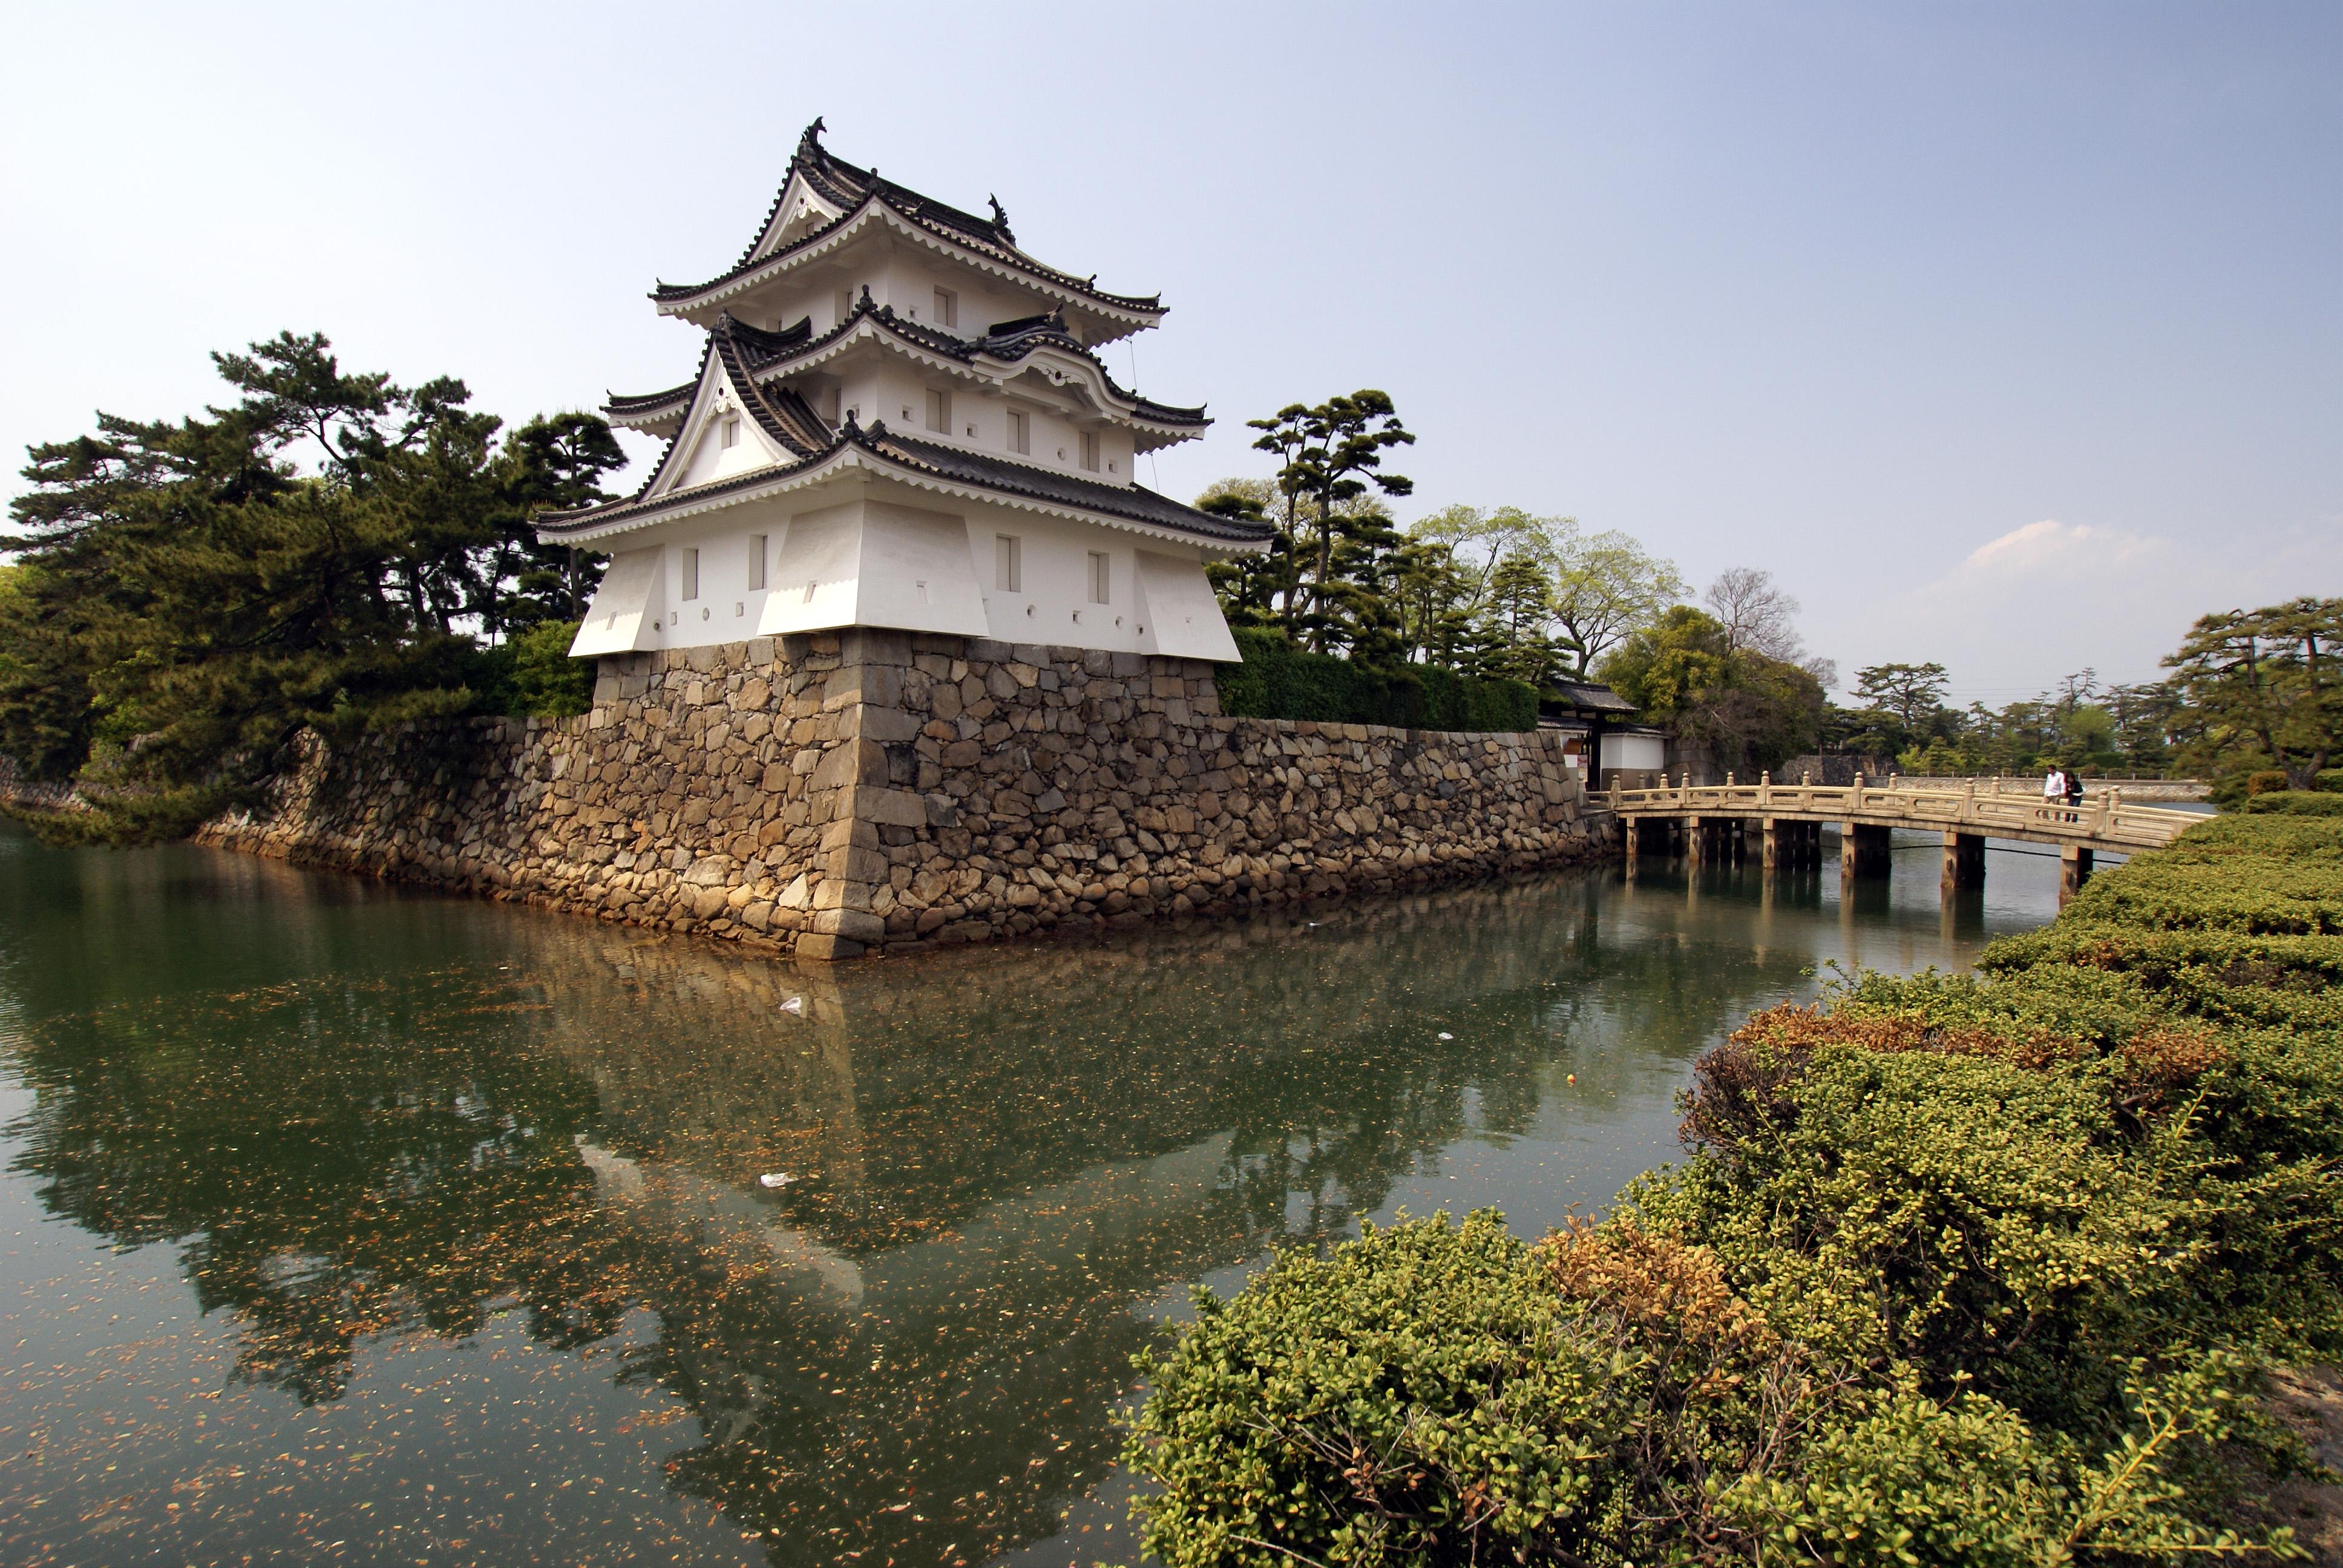 Takamatsu Japan  city images : 日本のお城の構造名称についての質問です。 ・櫓の ...